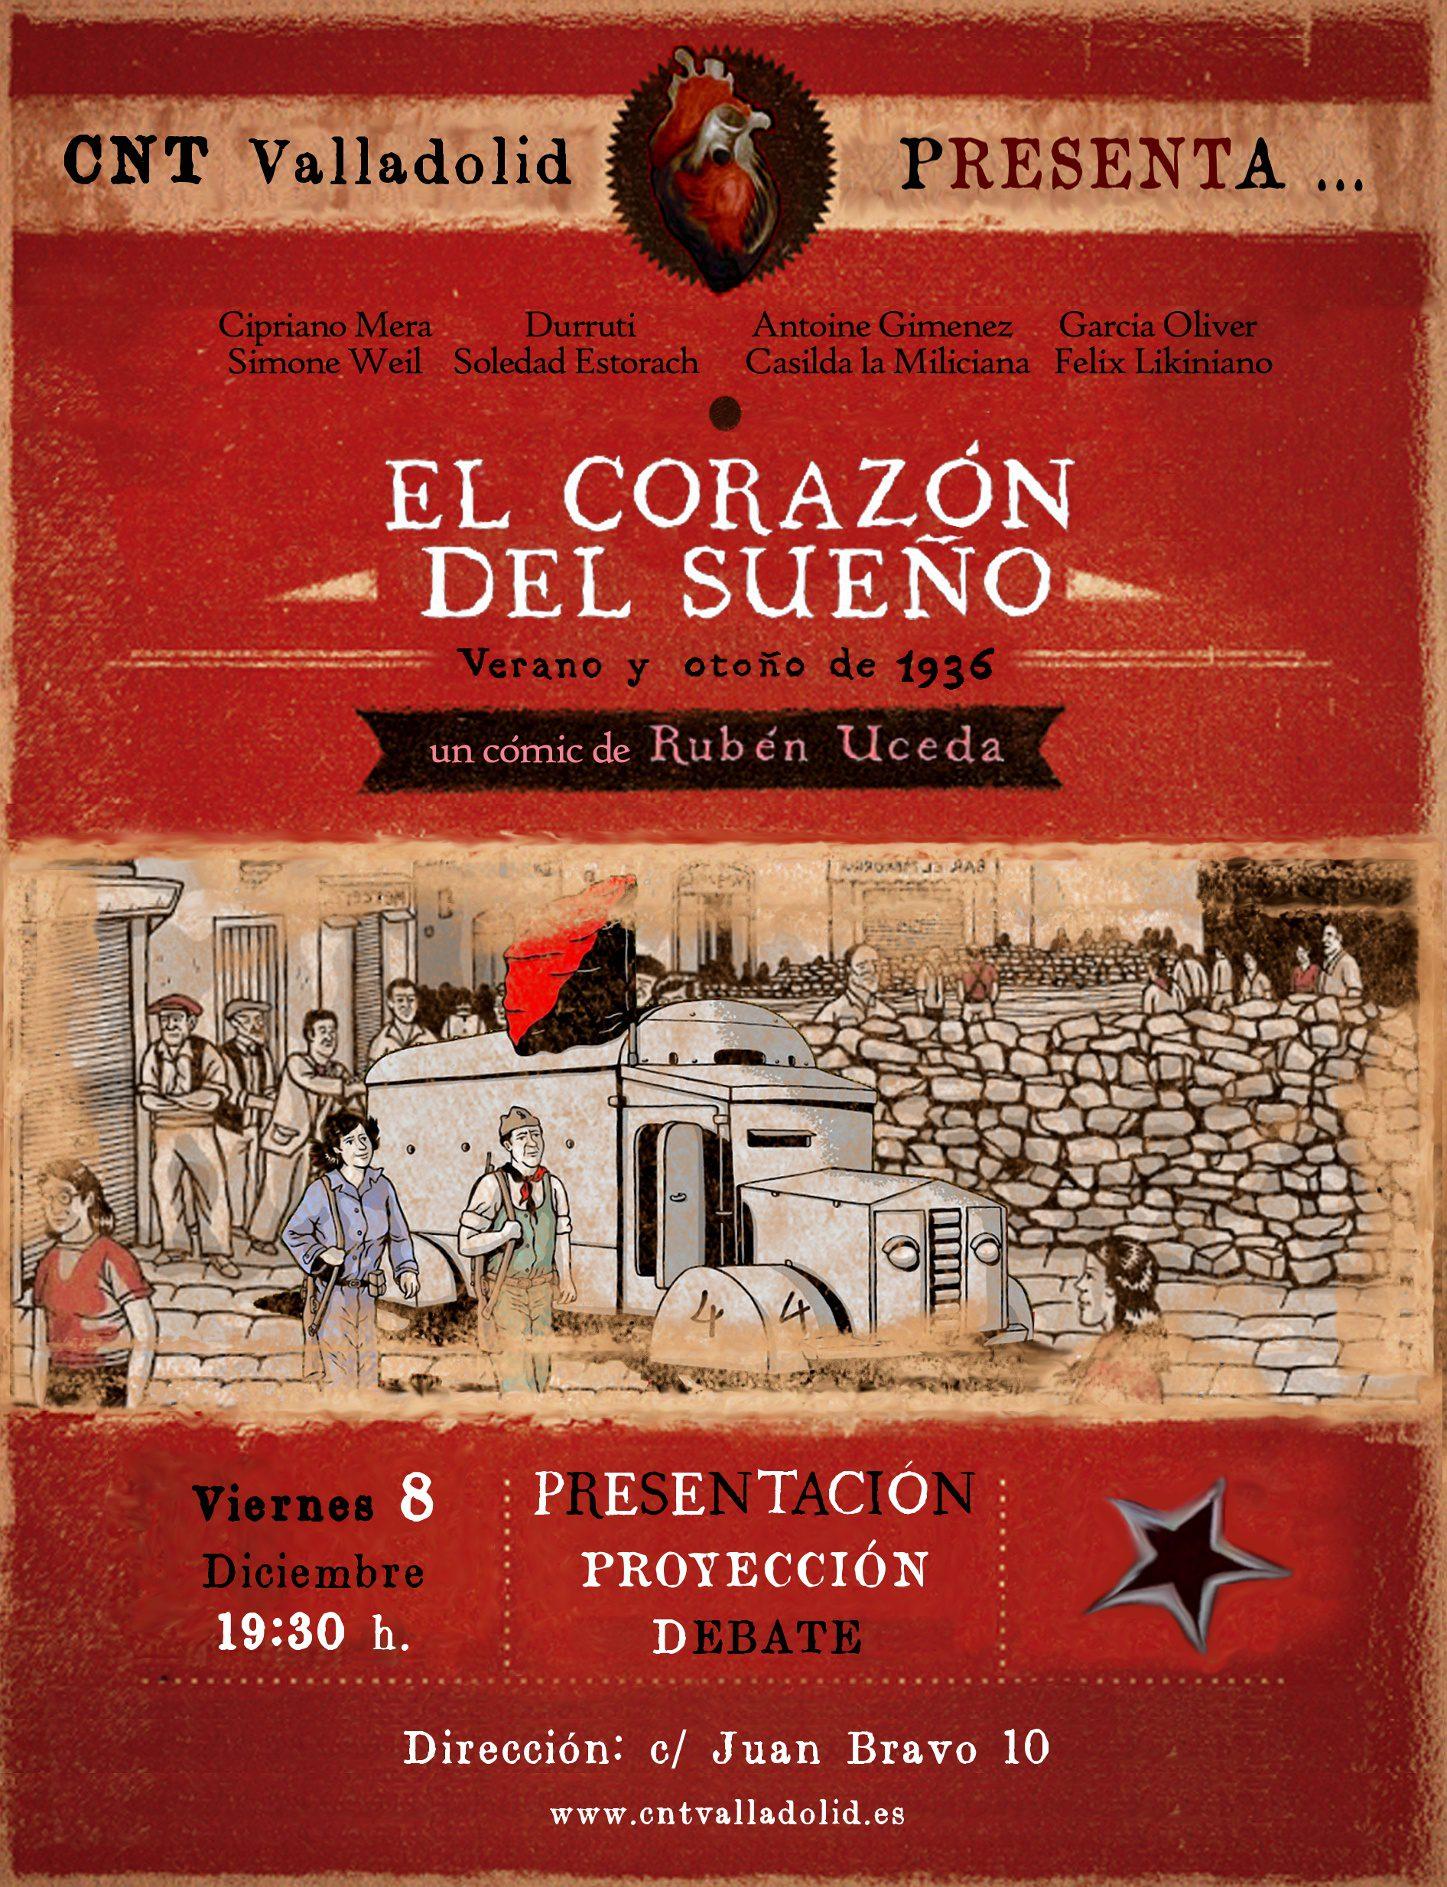 PLANTILLA CARTEL cntpucela2 – CNT Valladolid